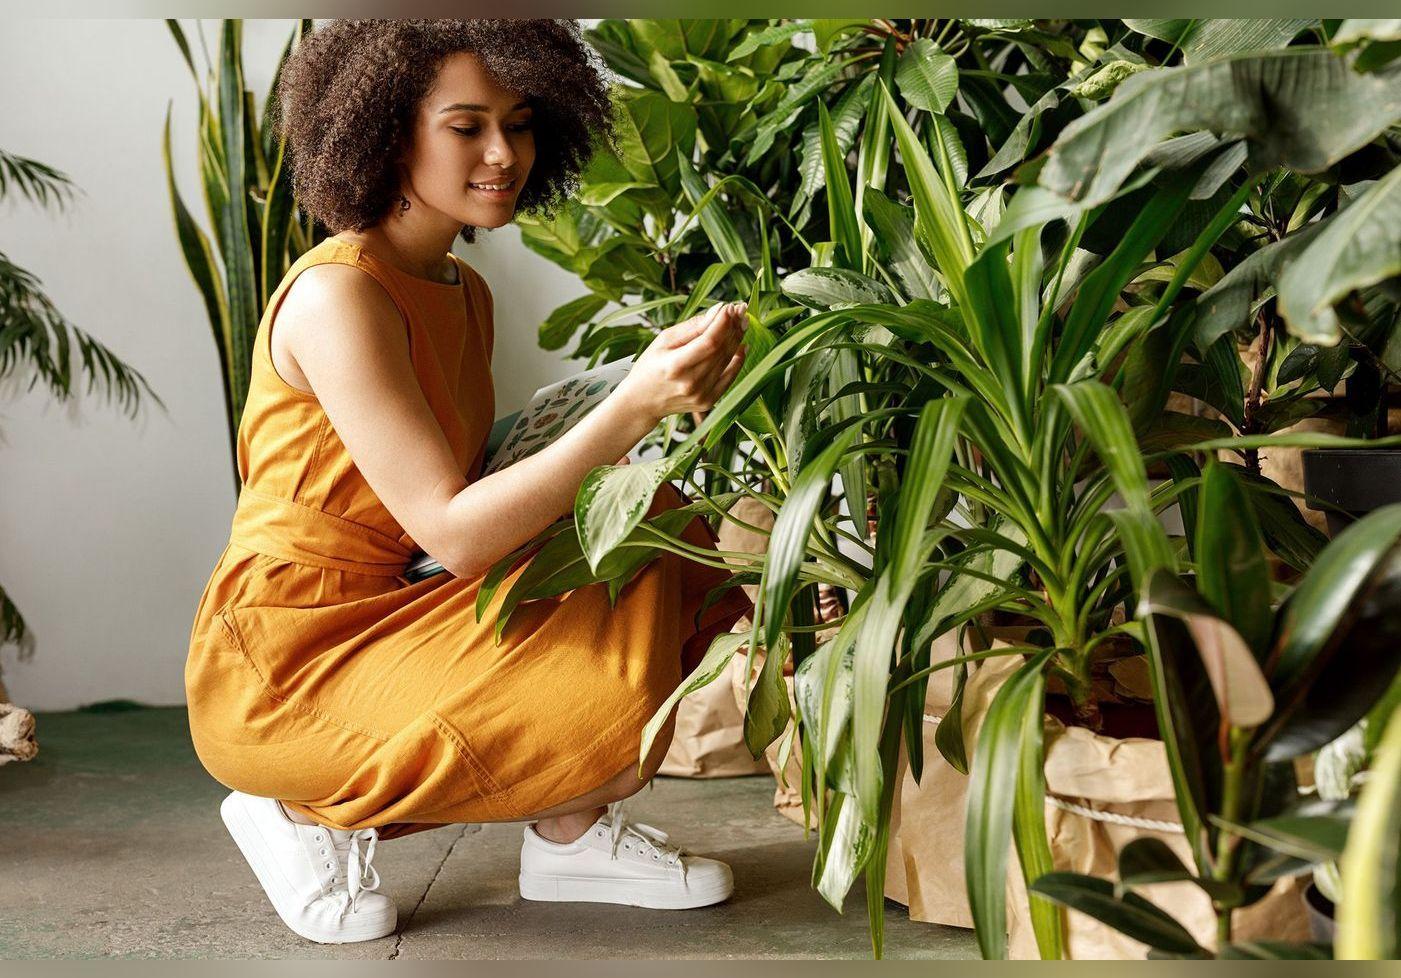 Lidl propose des outils de jardin à petit prix durant tout le mois de mars ! Découvrez les produits du catalogue